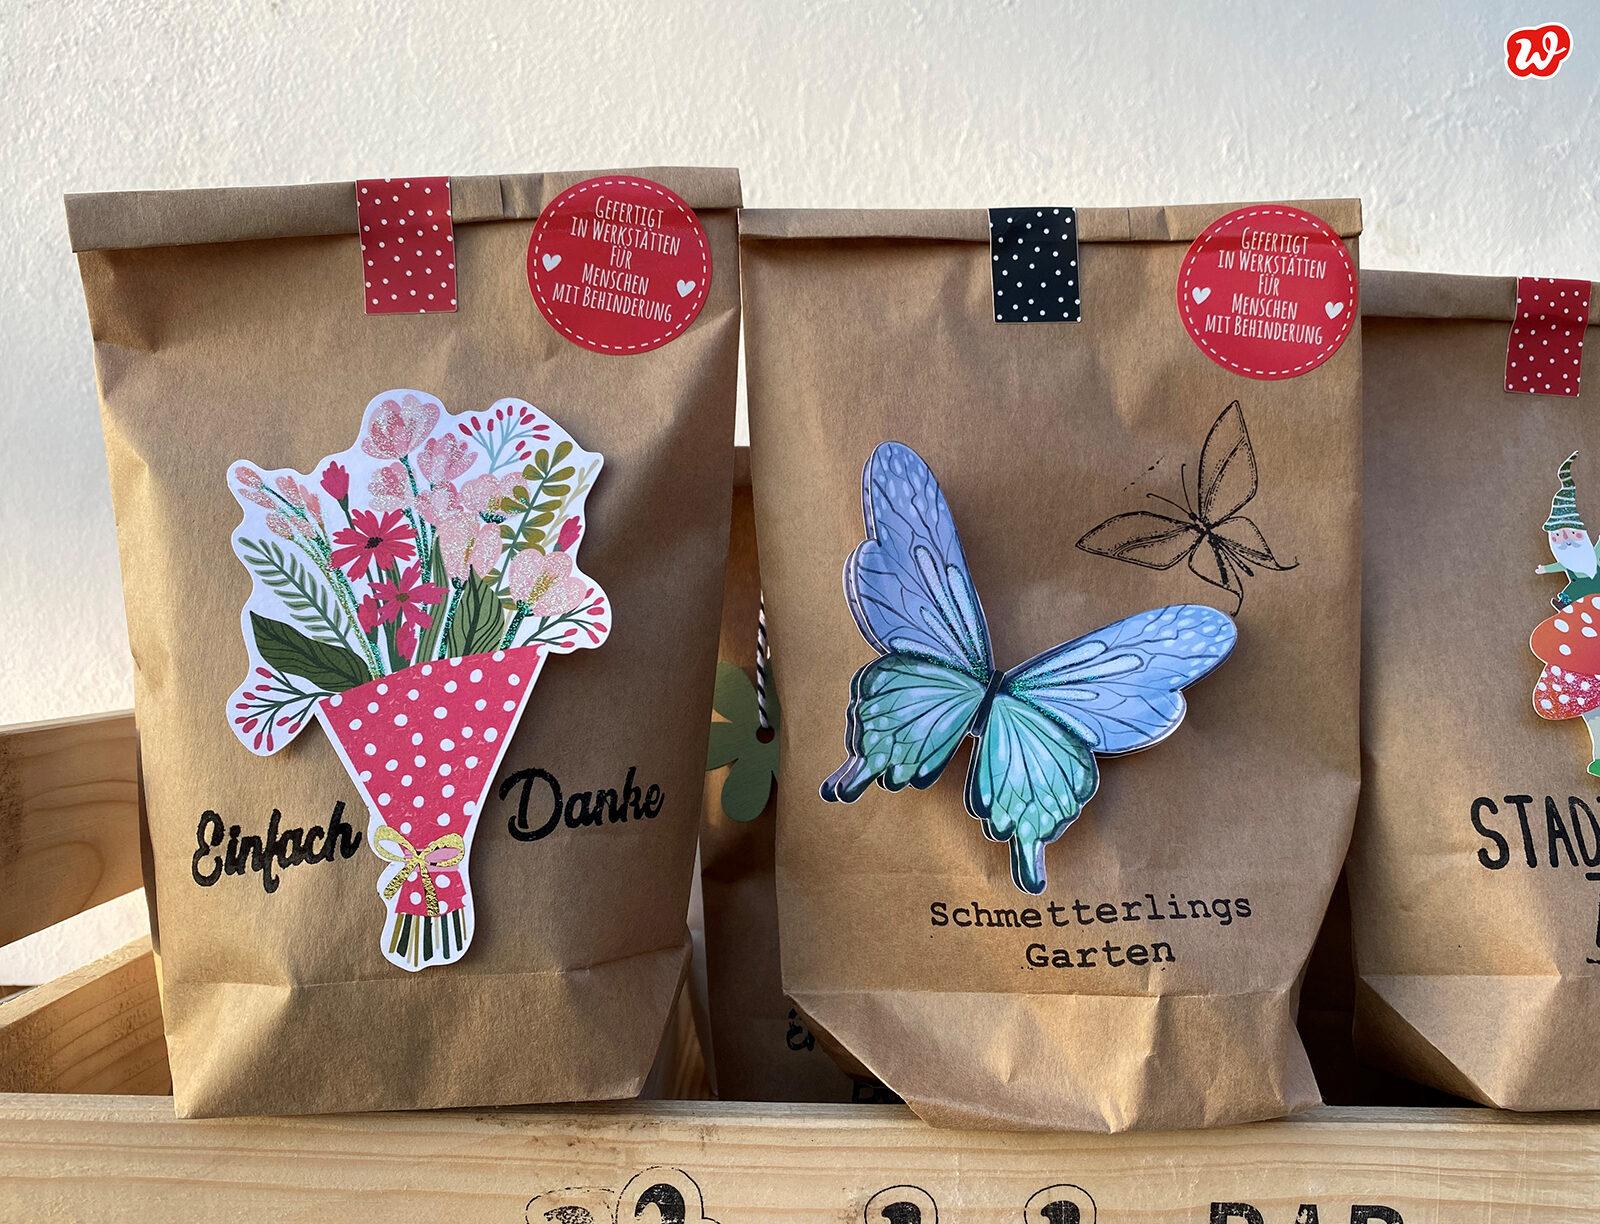 Neuheiten 2021 Wunderle Packpapierwundertüten, Einfach Danke und Schmetterlingsgarten